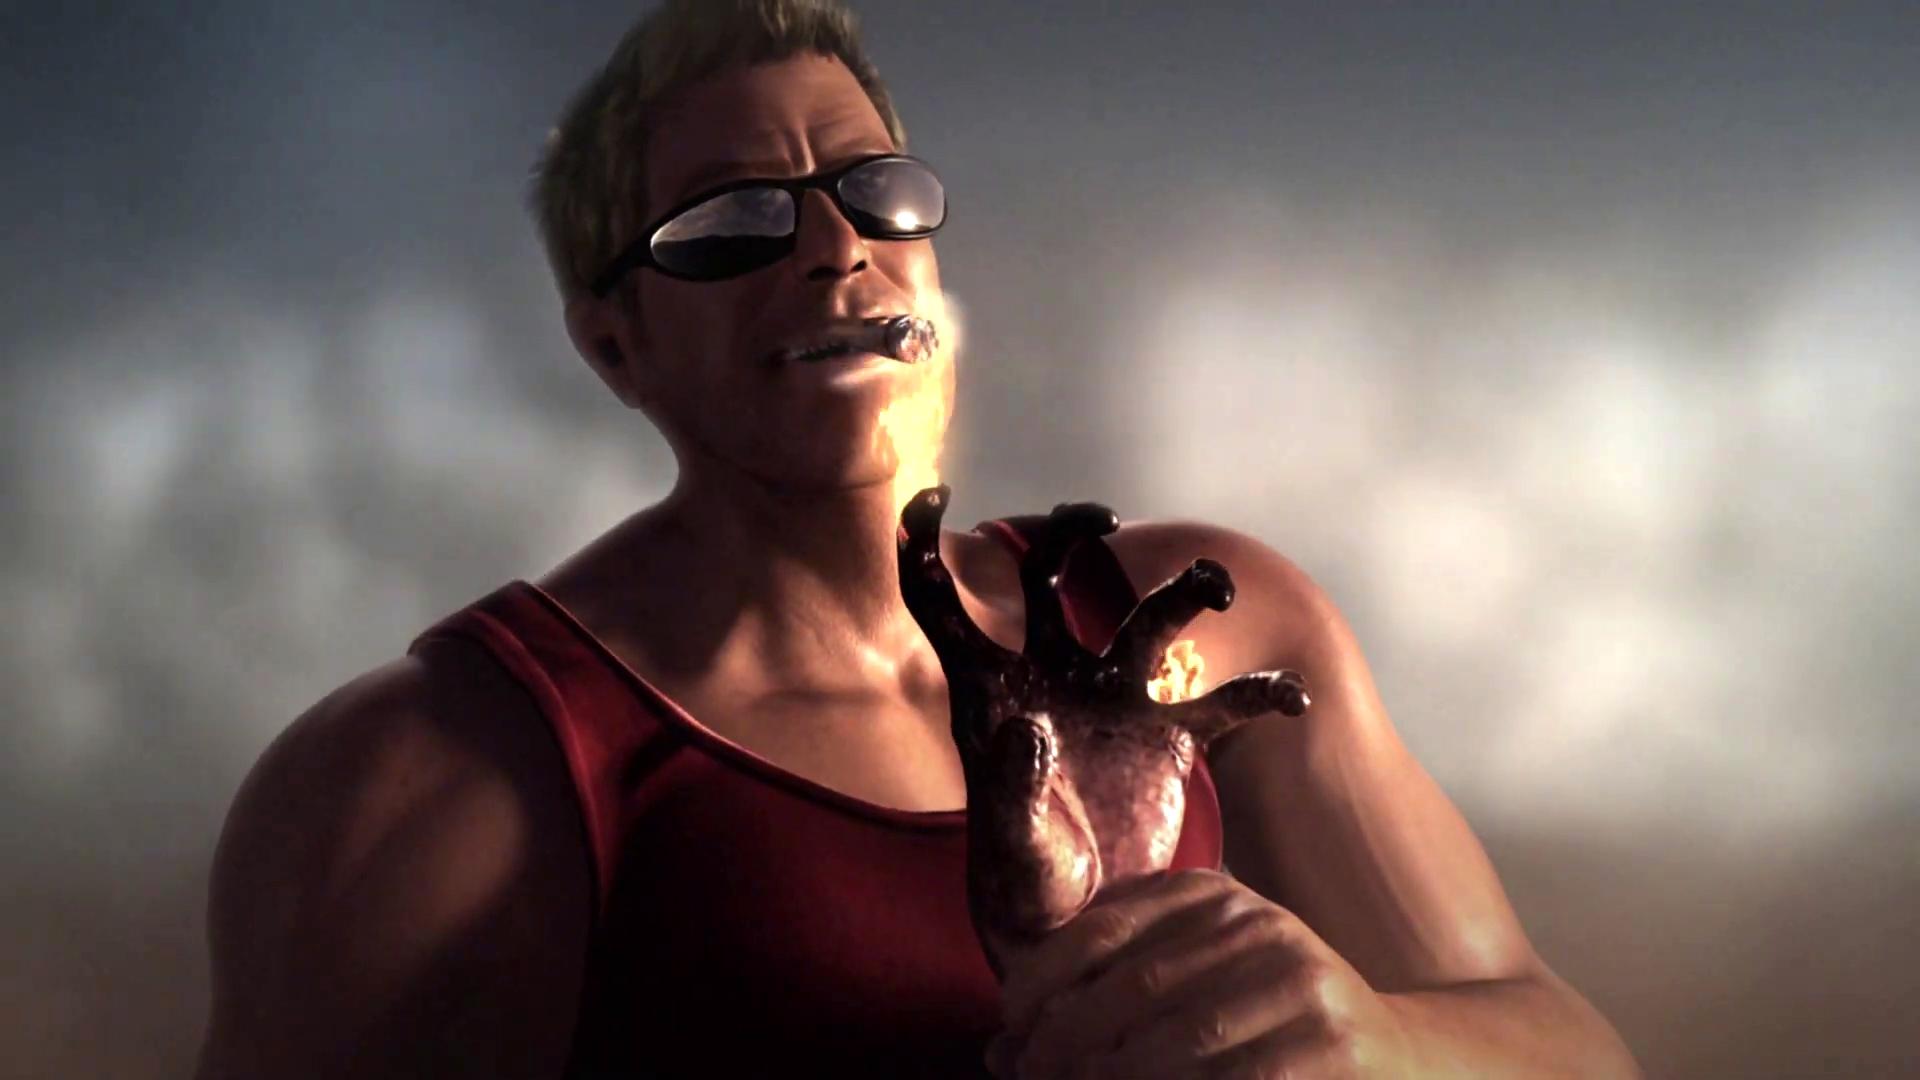 Here's the full trailer for the cancelled Duke Nukem Begins game